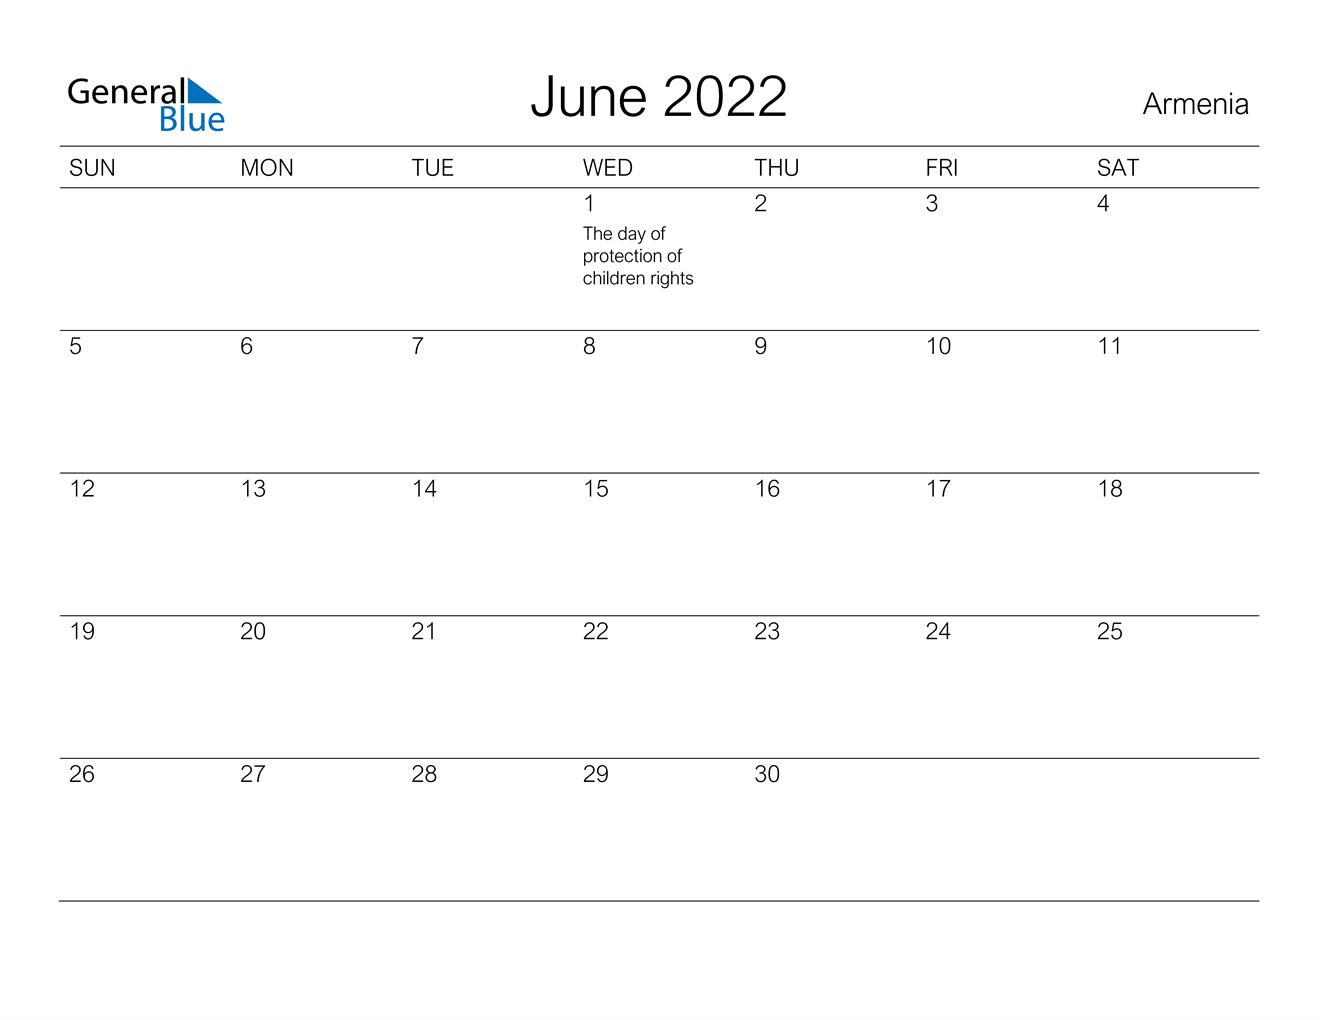 June 2022 Calendar - Armenia